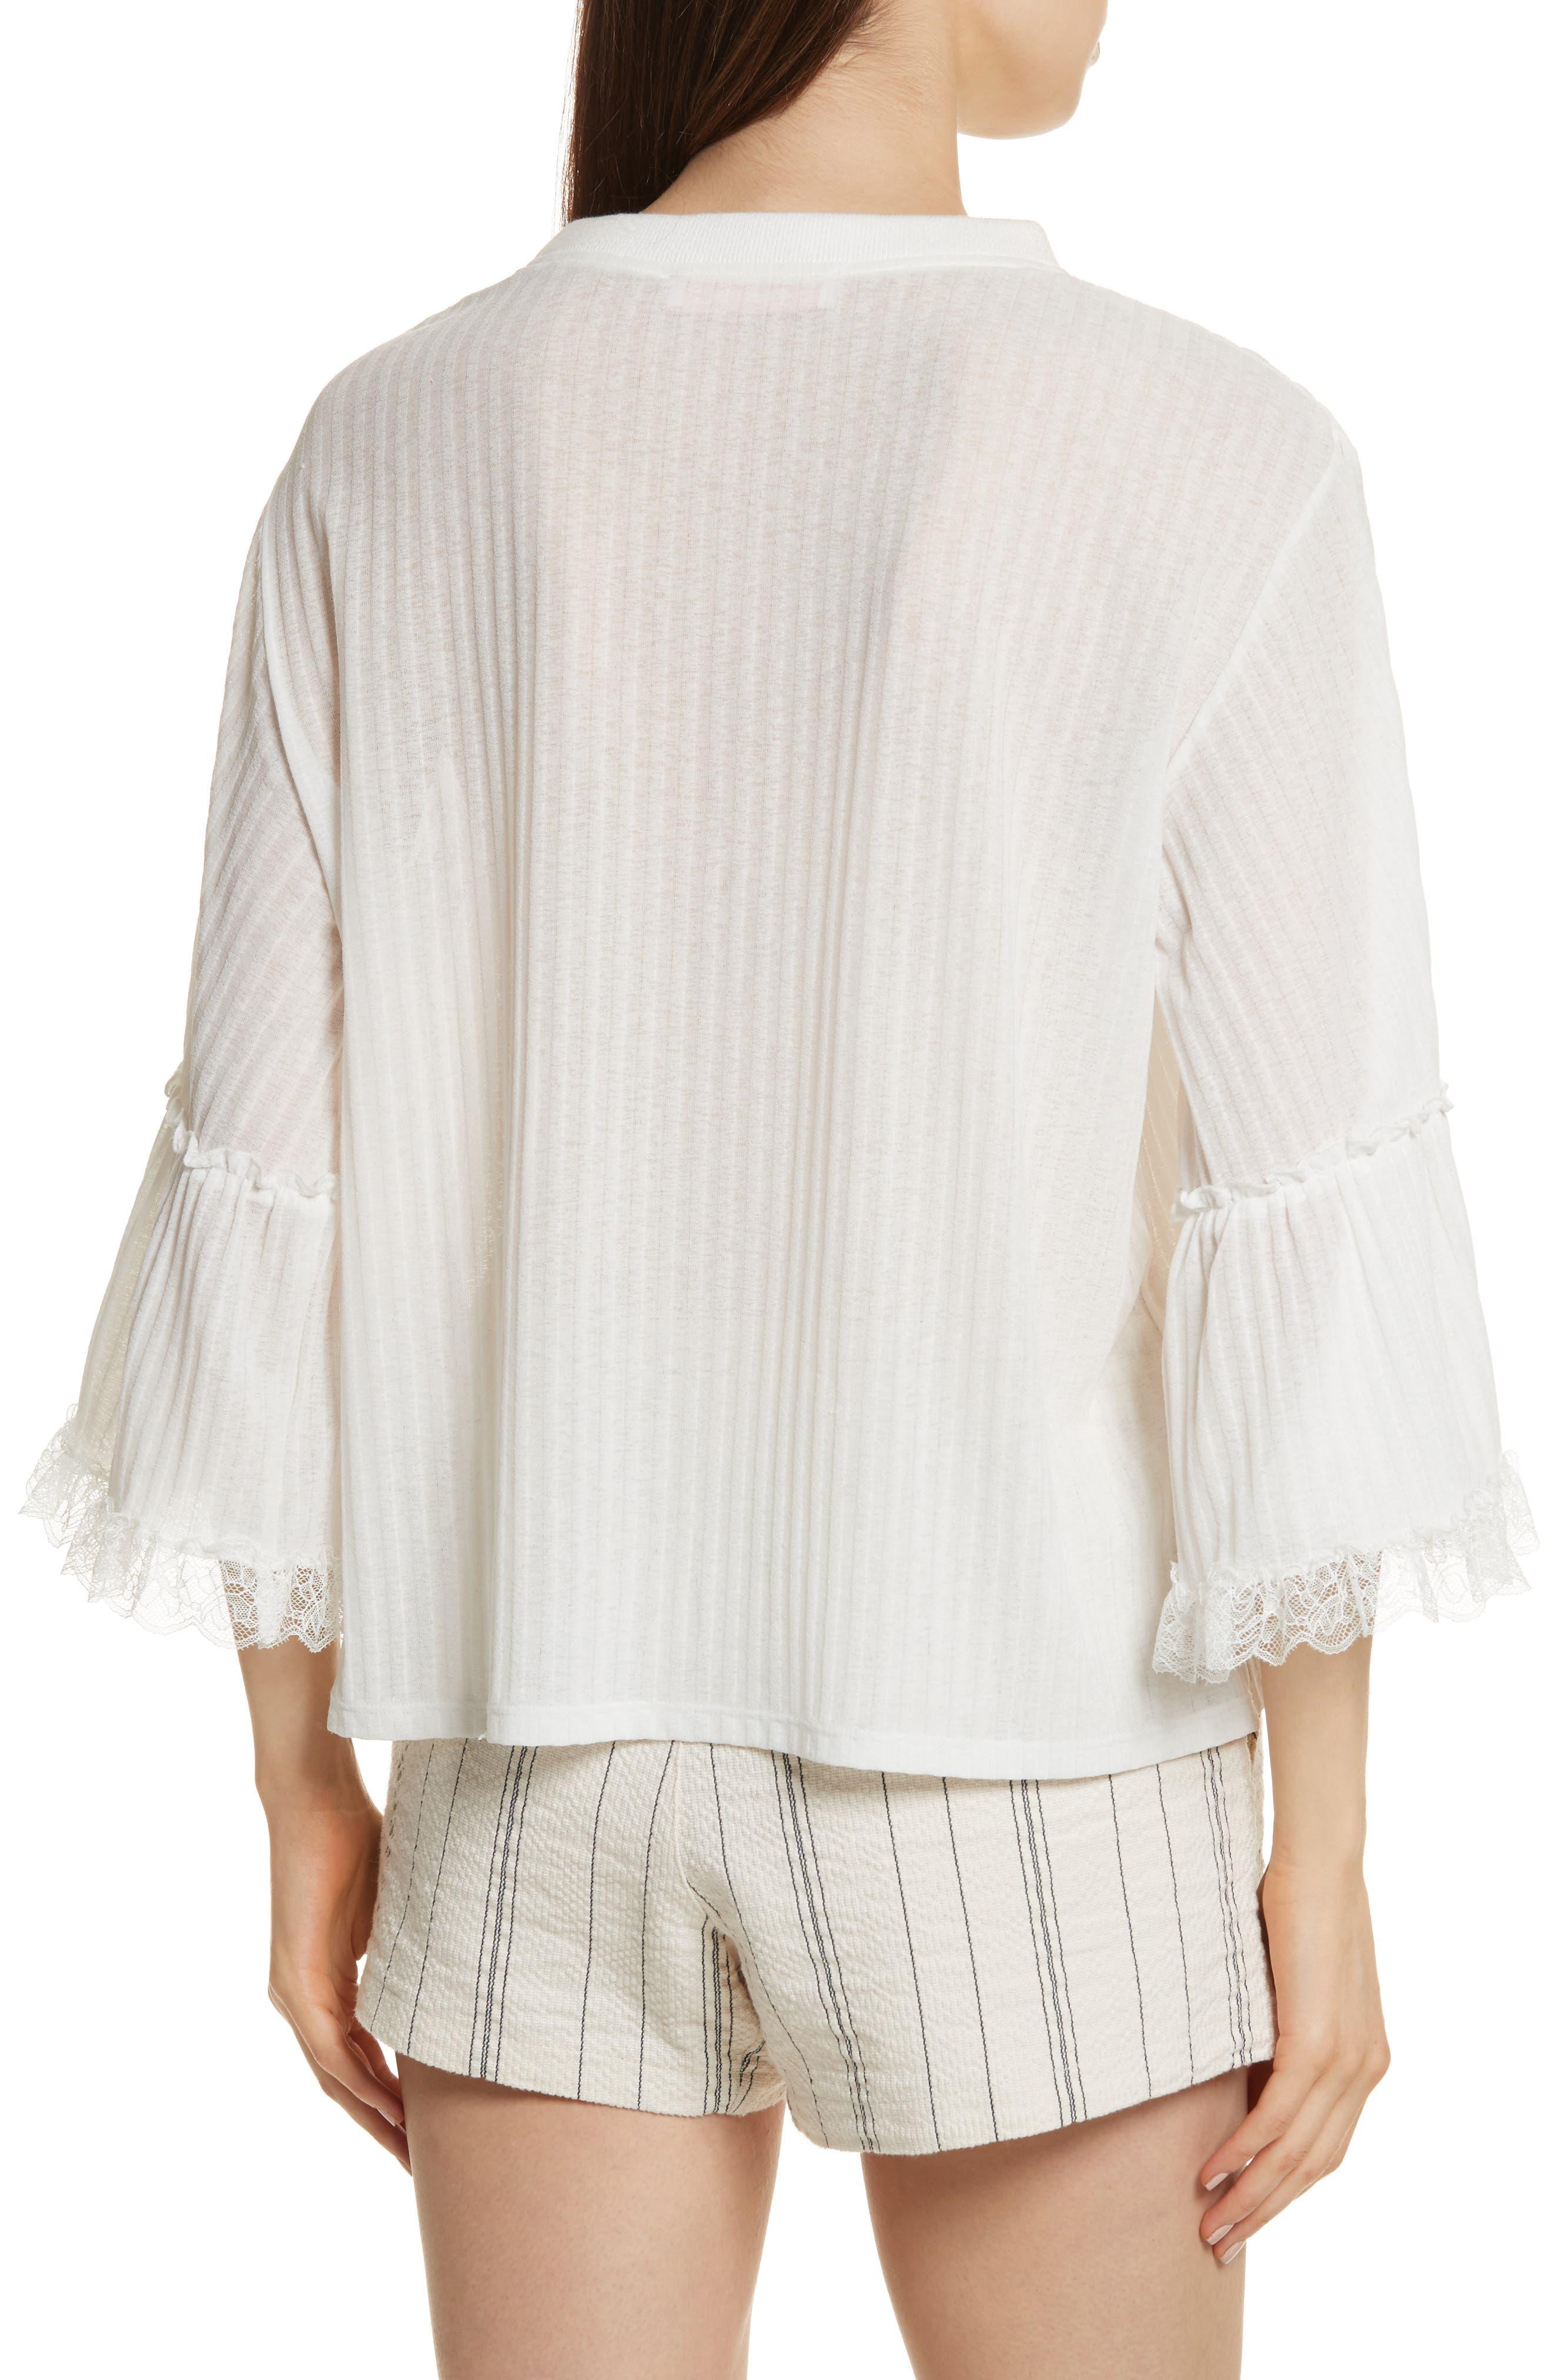 Lace Trim Top,                             Alternate thumbnail 2, color,                             White